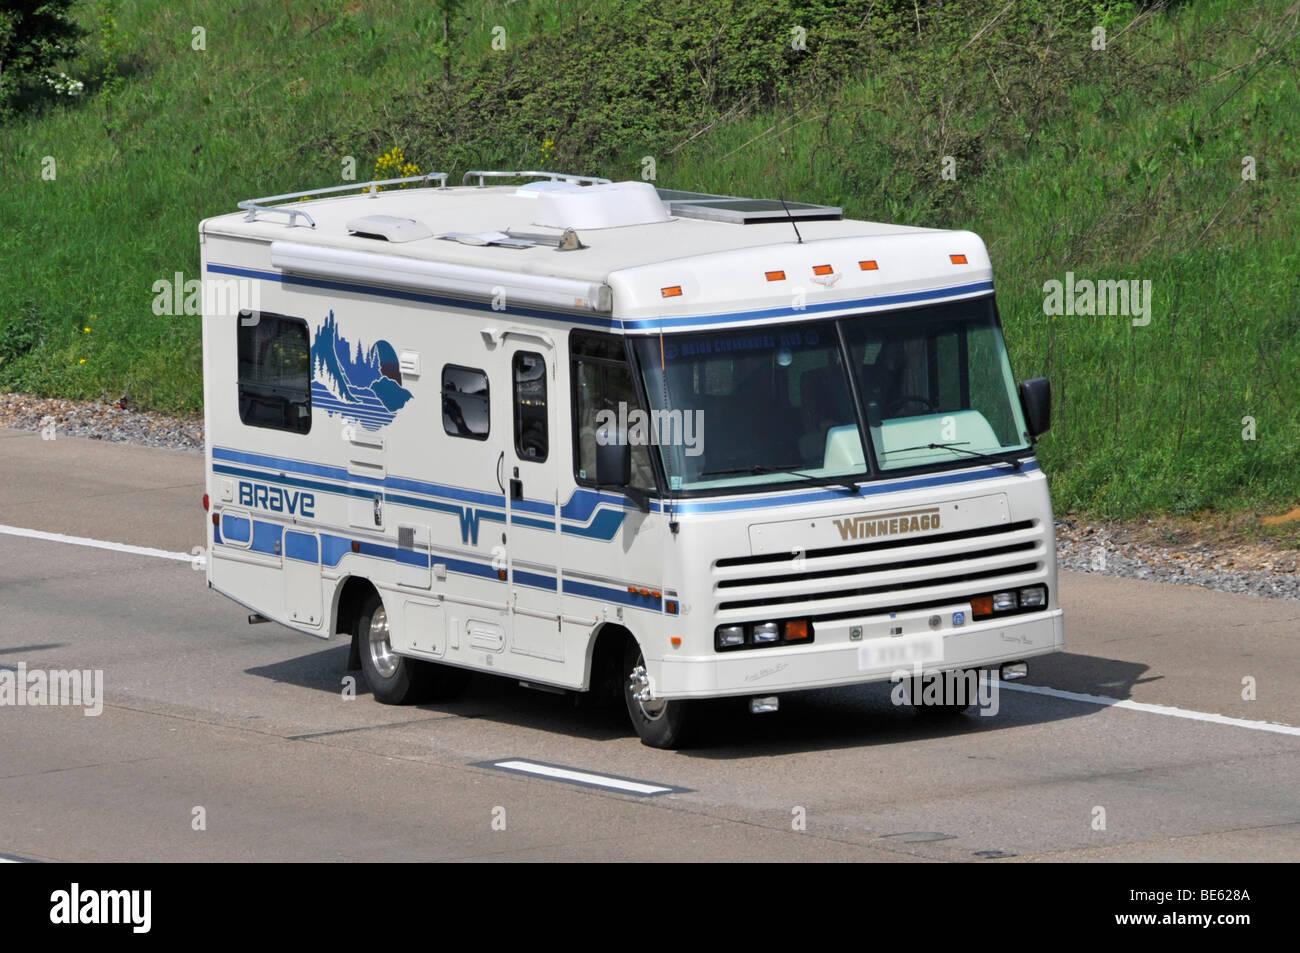 American Winnebago Brave RV recreational vehicle motorhome camper van driving along M25 UK motorway obscured numberplate Stock Photo